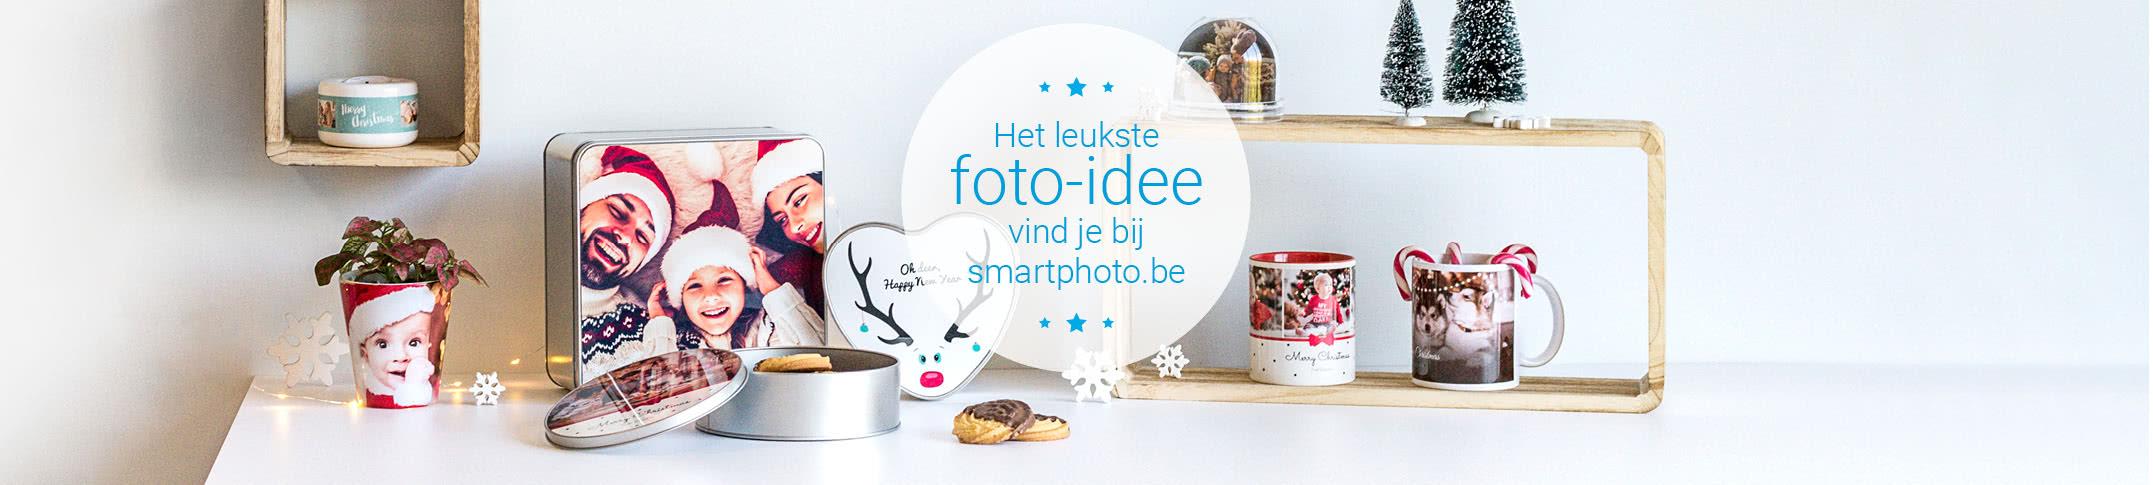 Kerstversiering met eigen foto's